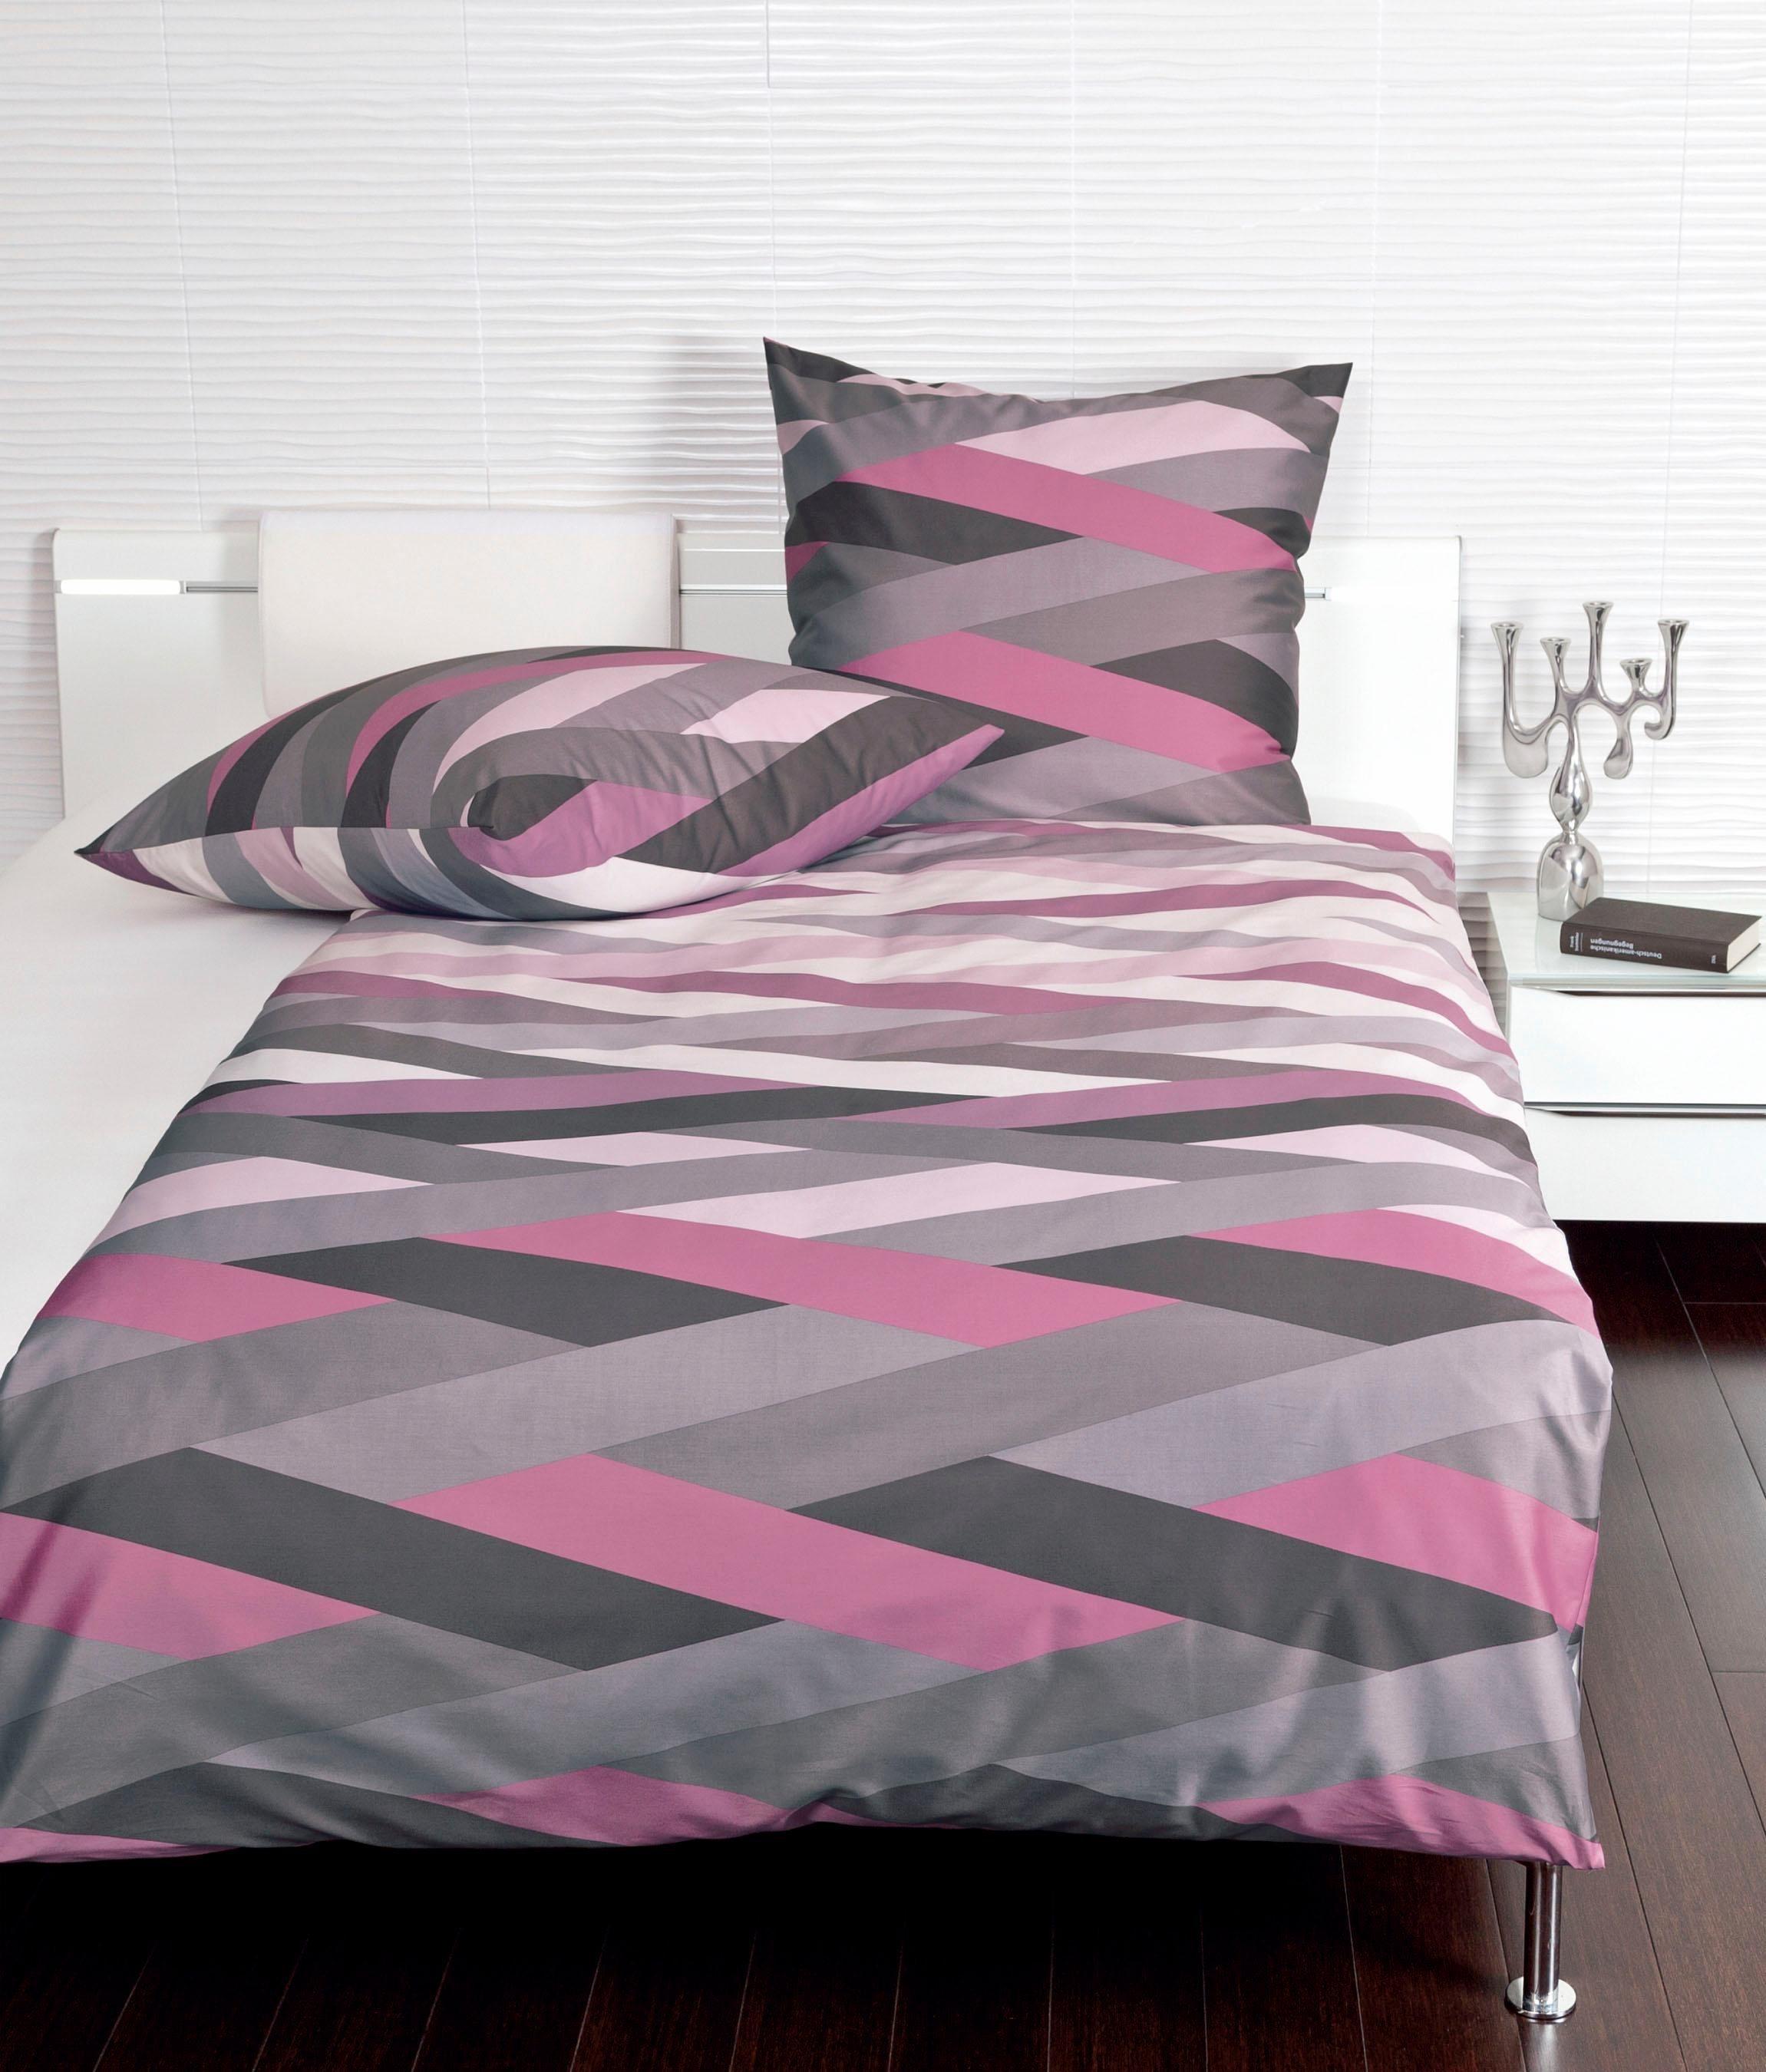 bettw sche 200x220 preisvergleich die besten angebote online kaufen. Black Bedroom Furniture Sets. Home Design Ideas